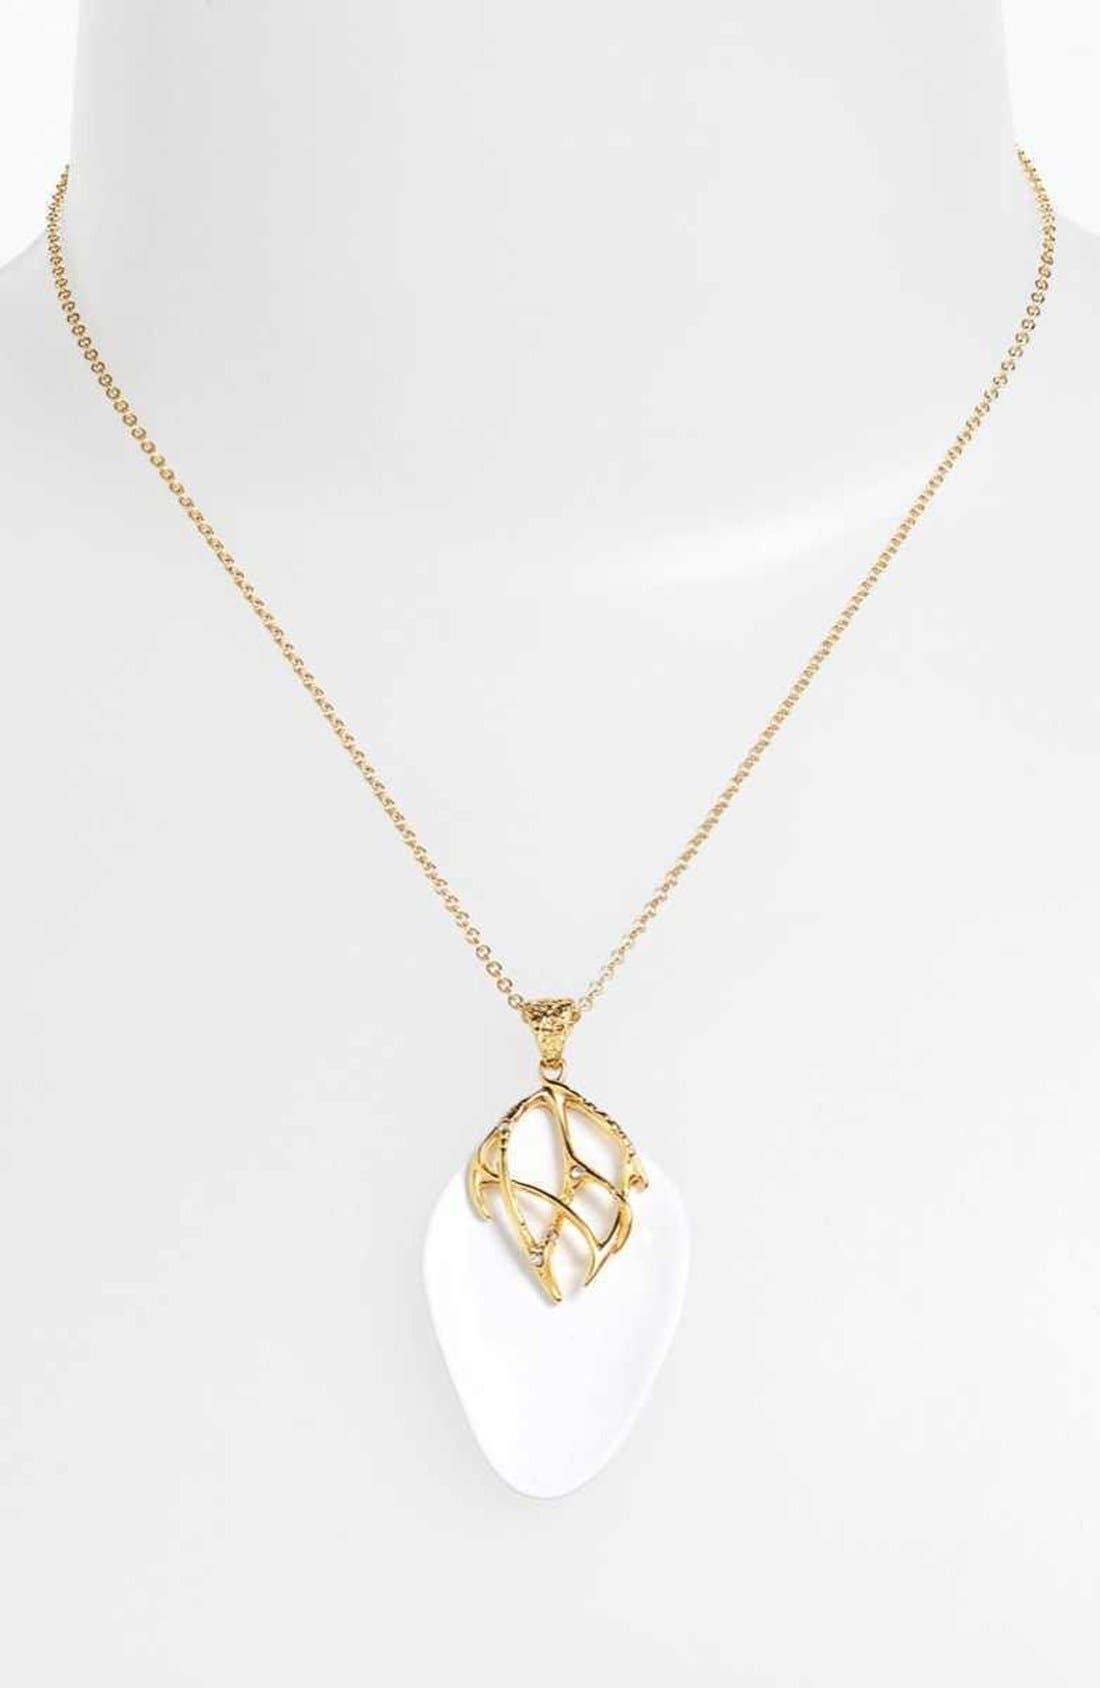 Main Image - Alexis Bittar 'Miss Havisham - Liquid Gold' Pendant Necklace